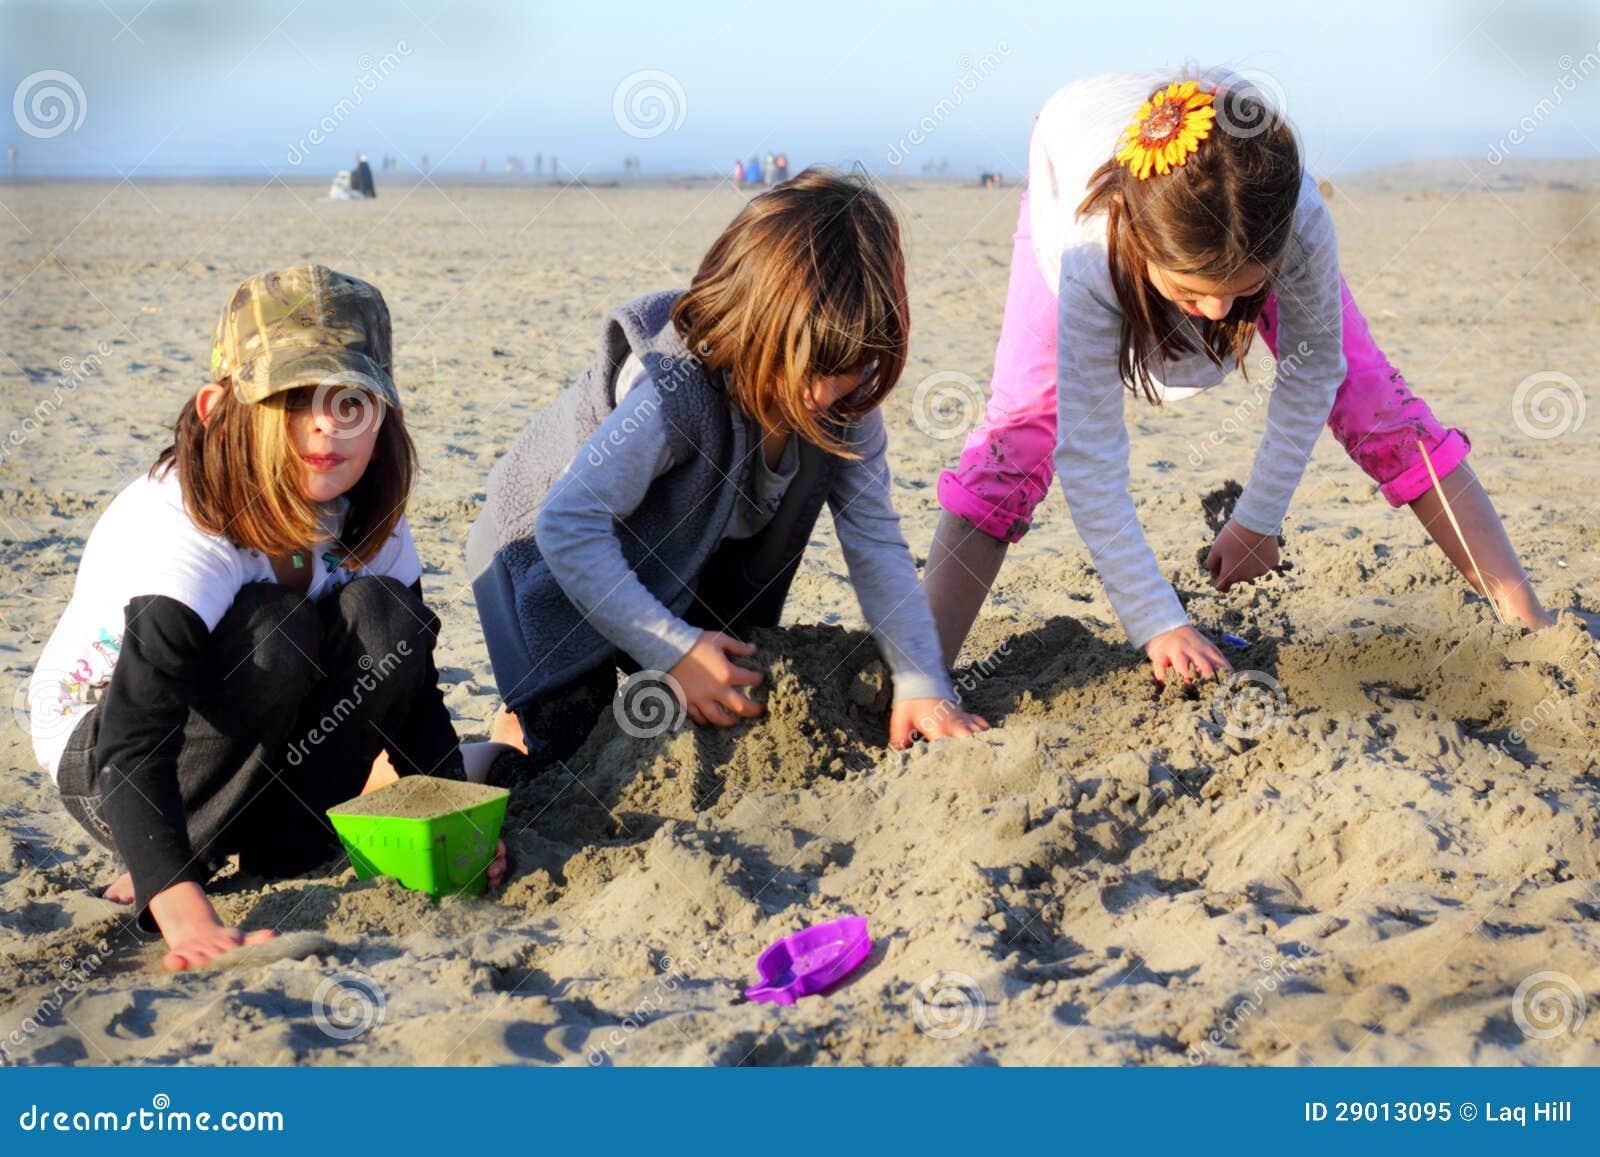 Strand-Spiel